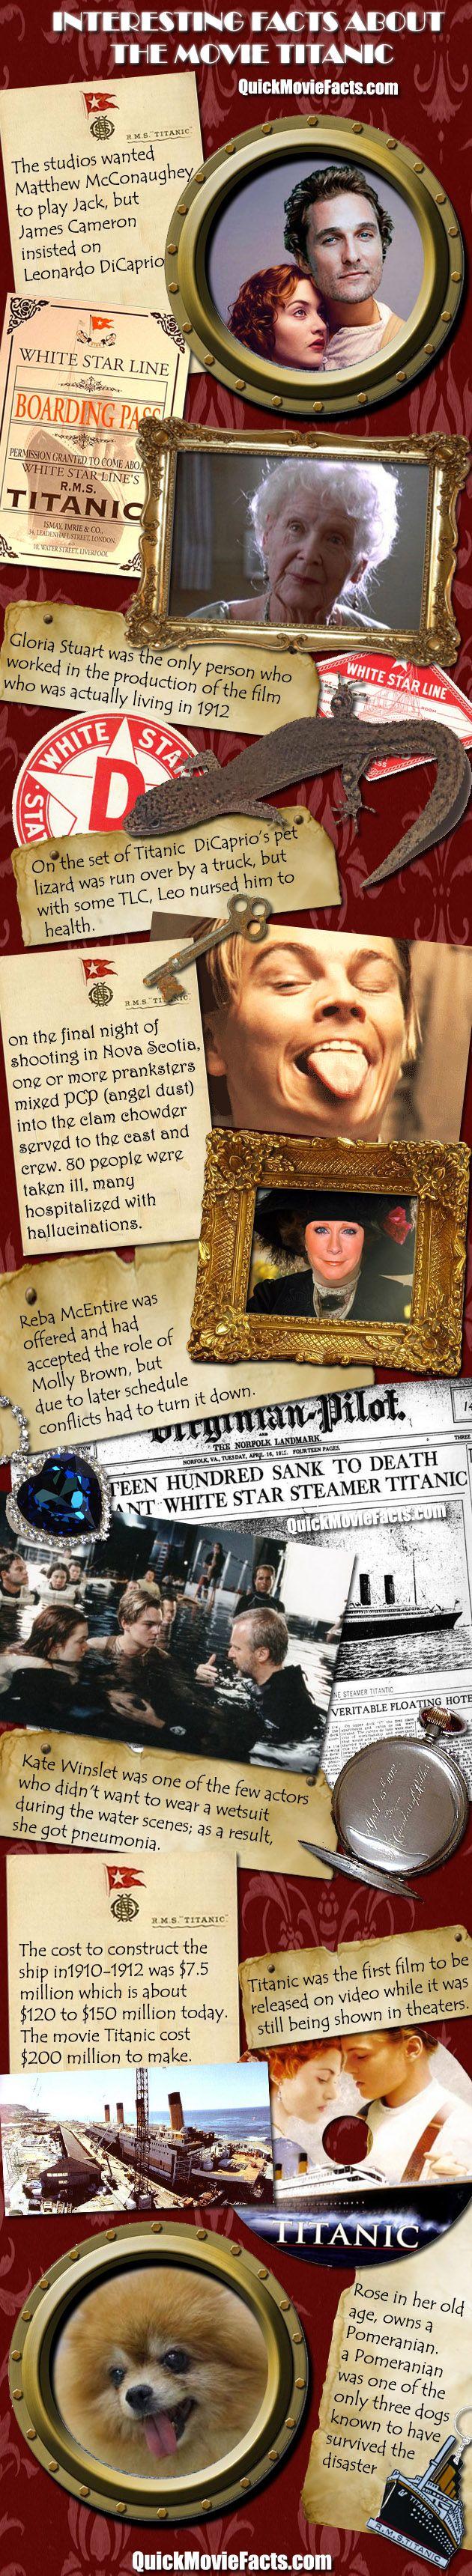 Titanic Fun Facts